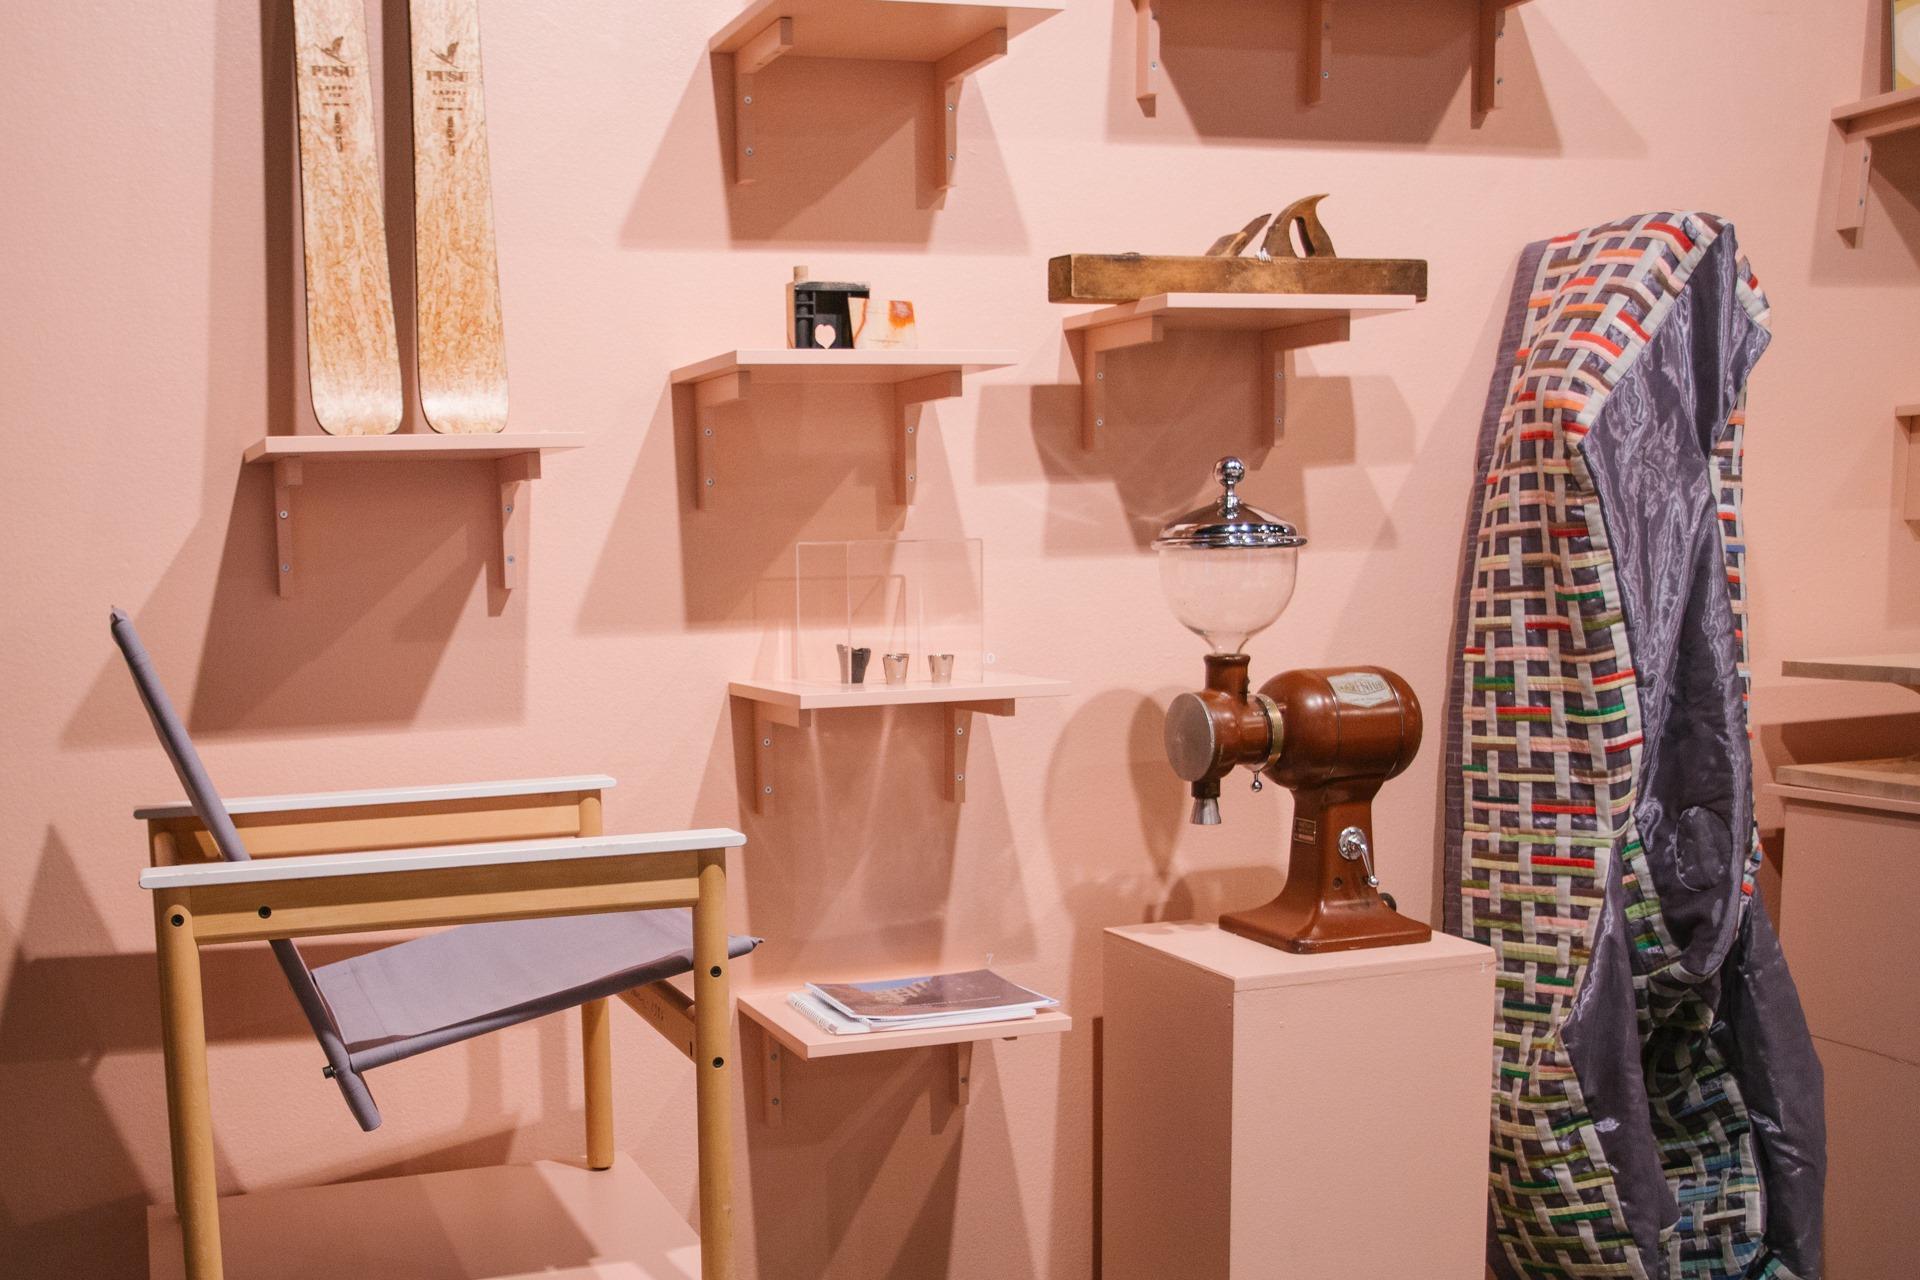 Kuva Katsaus 2020 -näyttelyssä esillä olevista esineistä, jotka arkkitehtitoimistot ovat valinneet edustamaan toimistonsa suunnittelufilosofiaa